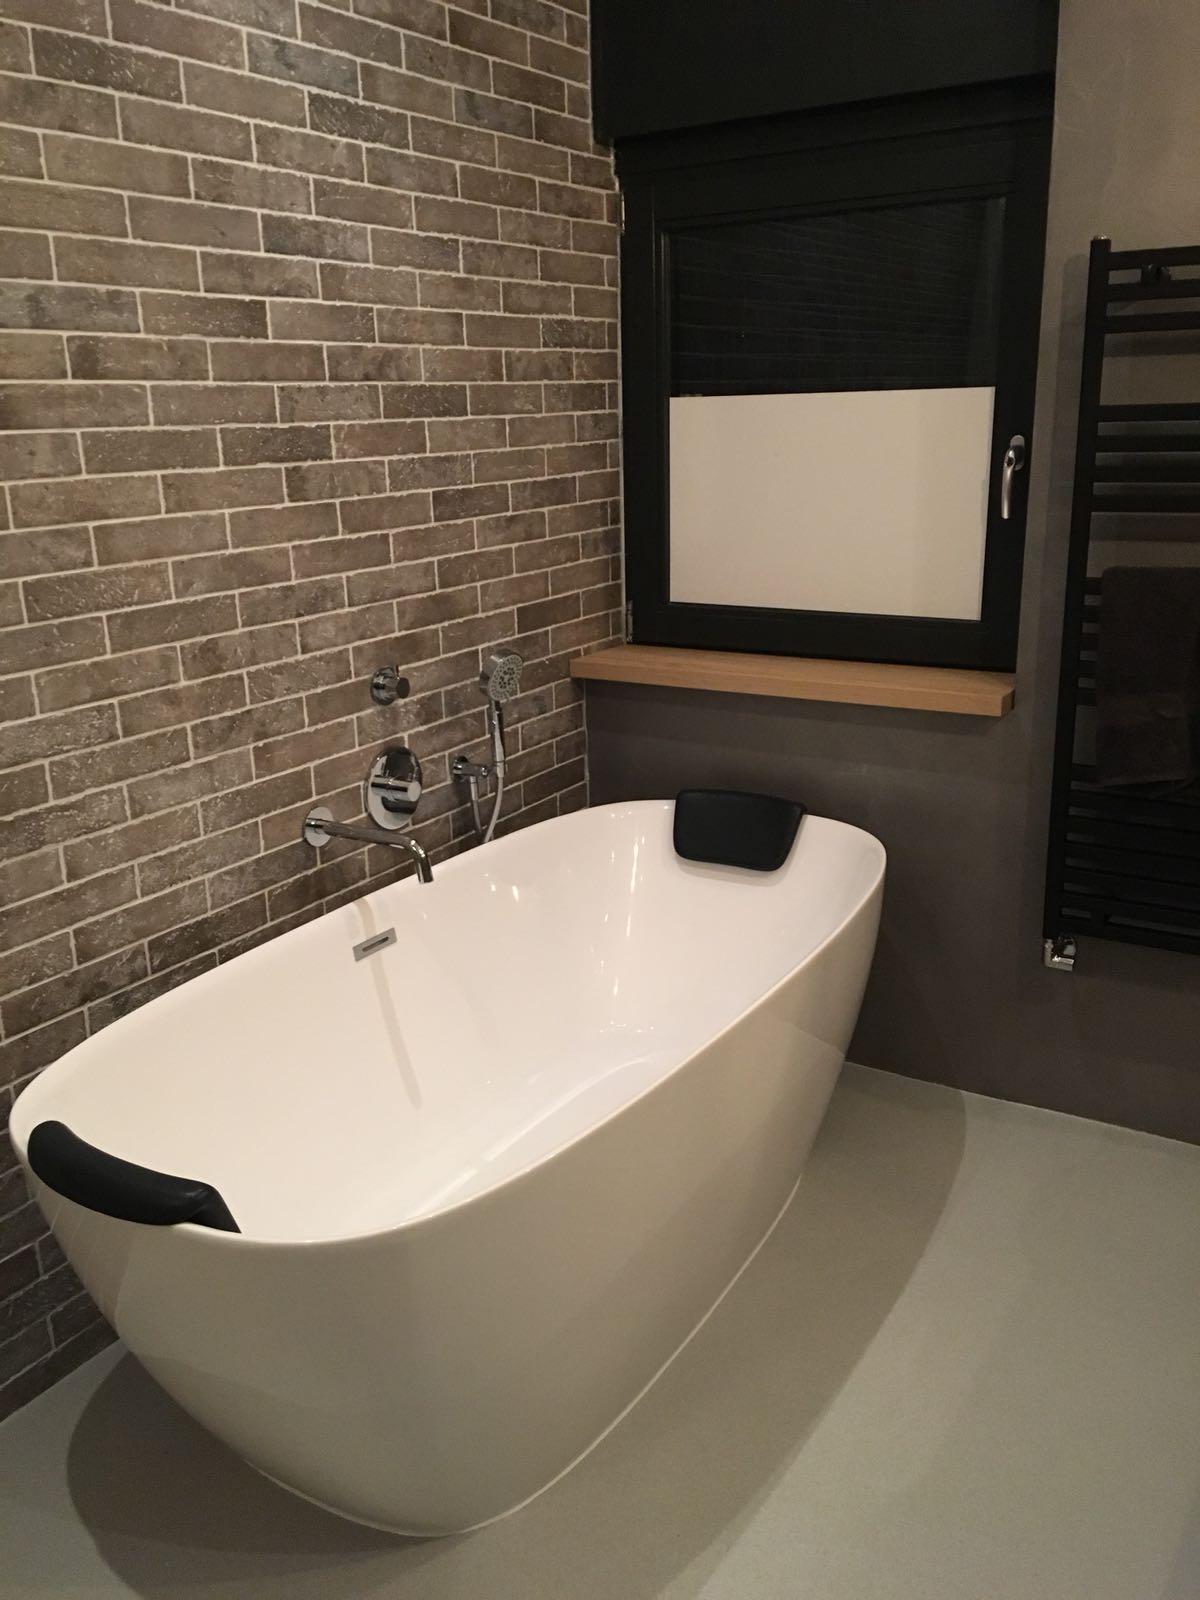 badkamer renovatie met beton cir bulder klusbedrijf. Black Bedroom Furniture Sets. Home Design Ideas